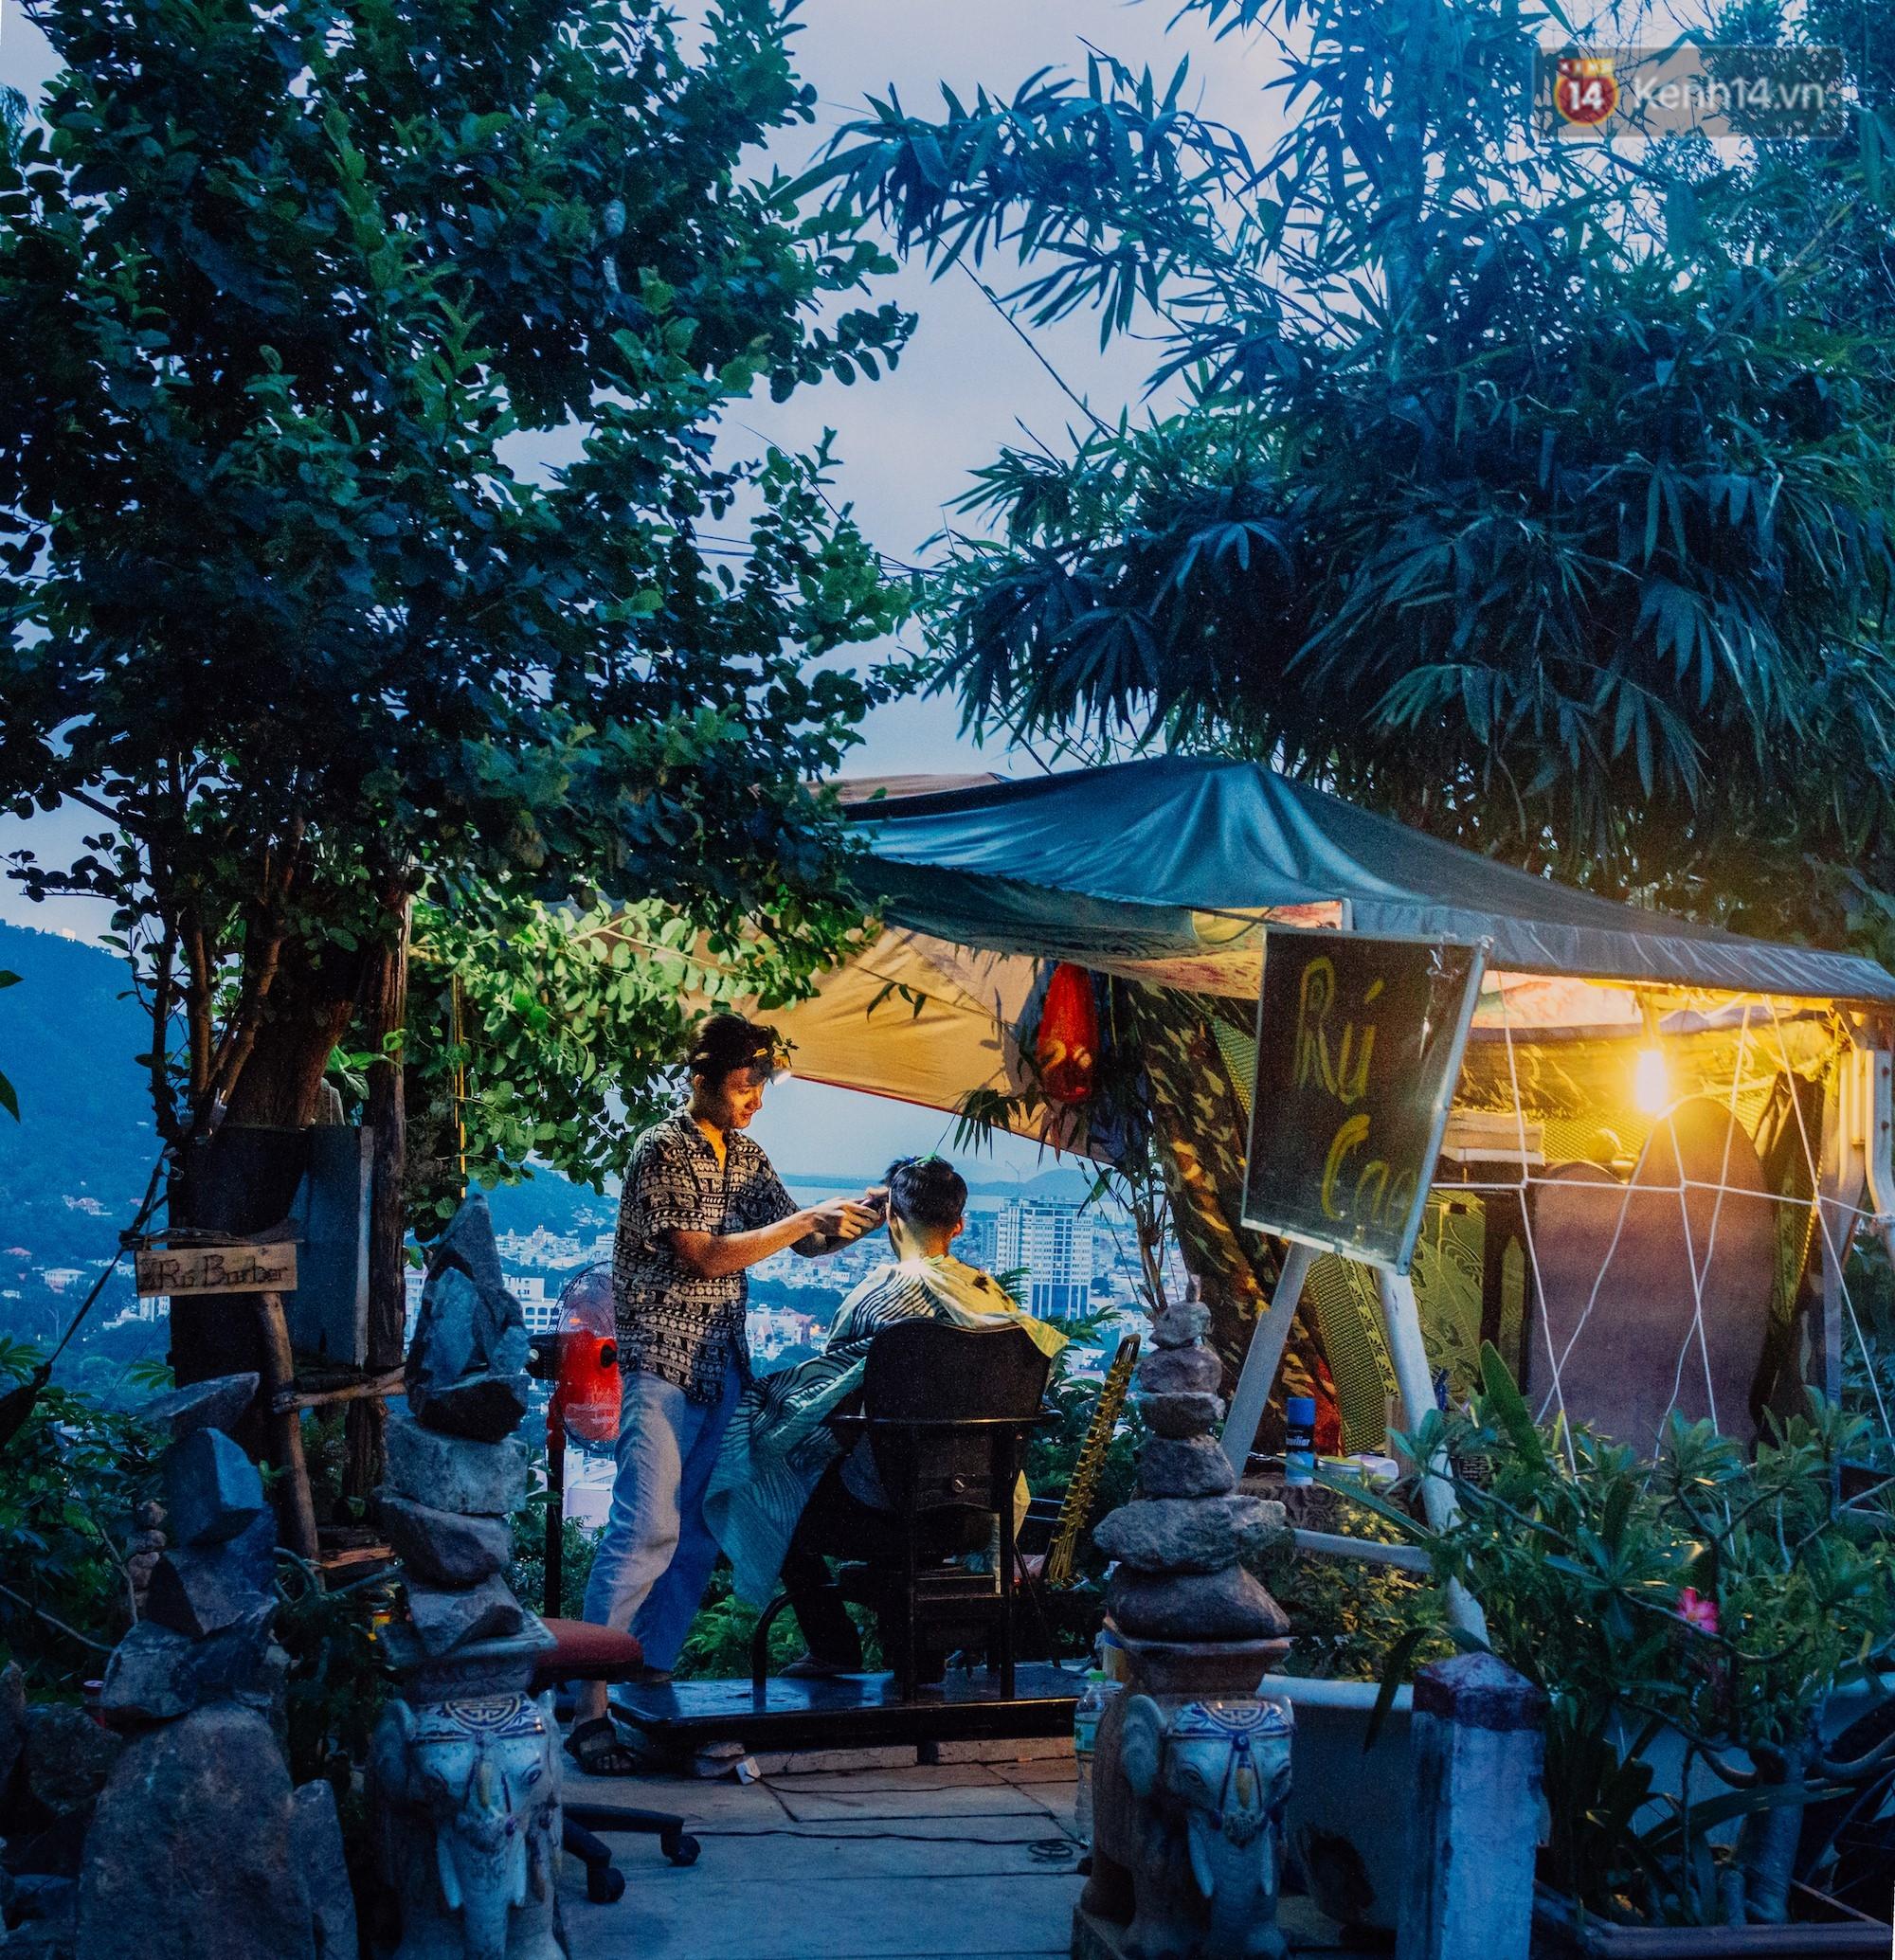 Chuyện về chàng trai Vũng Tàu bỏ phố lên rừng để mở tiệm tóc trong túp lều độc đáo bên triền dốc - Ảnh 11.